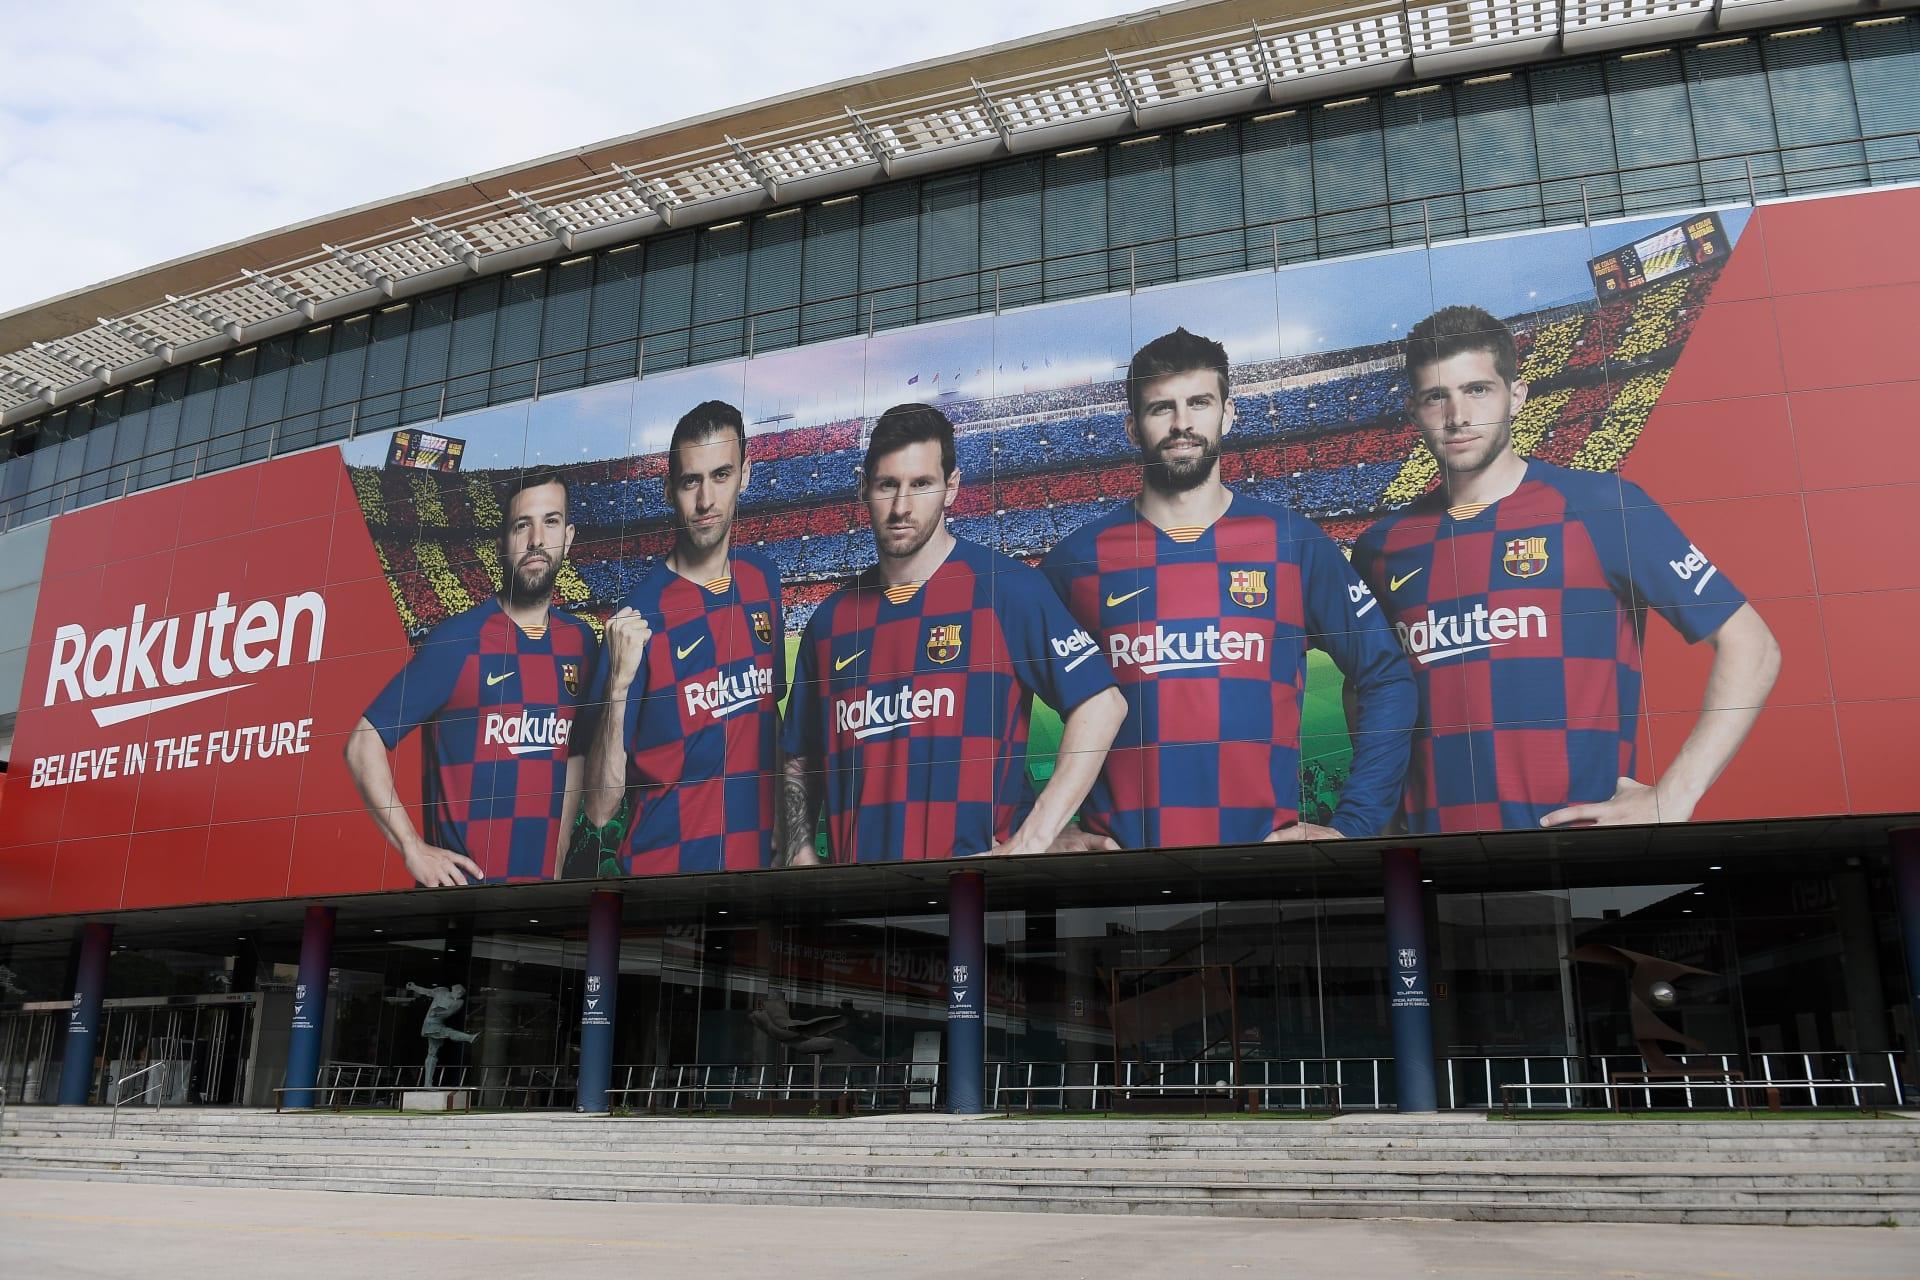 واجهة ملعب كامب نو الخاص بفريق نادي برسلونة الإسباني